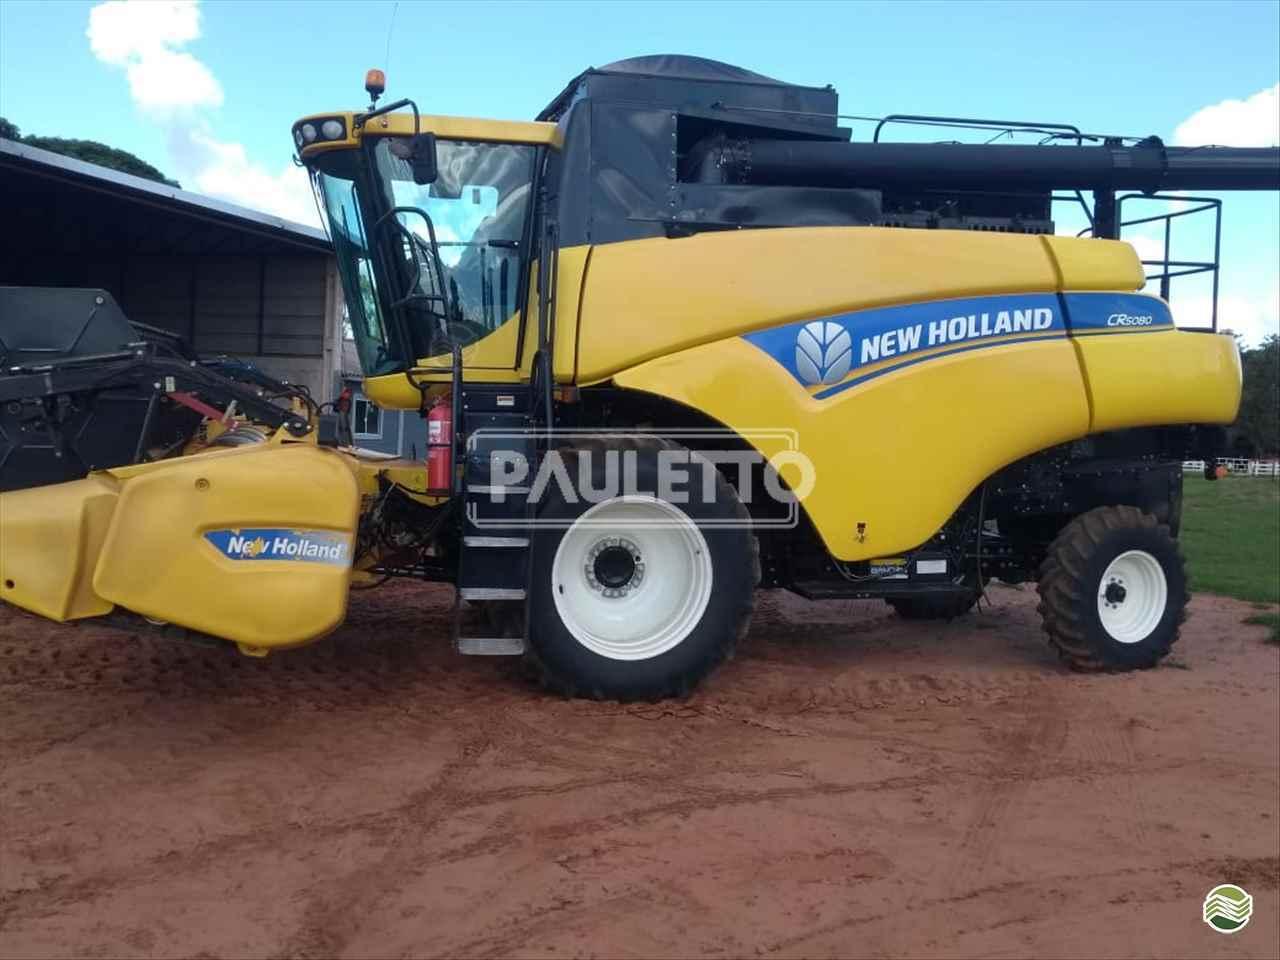 COLHEITADEIRA NEW HOLLAND CR 5080 Metalúrgica Pauletto CASCAVEL PARANÁ PR